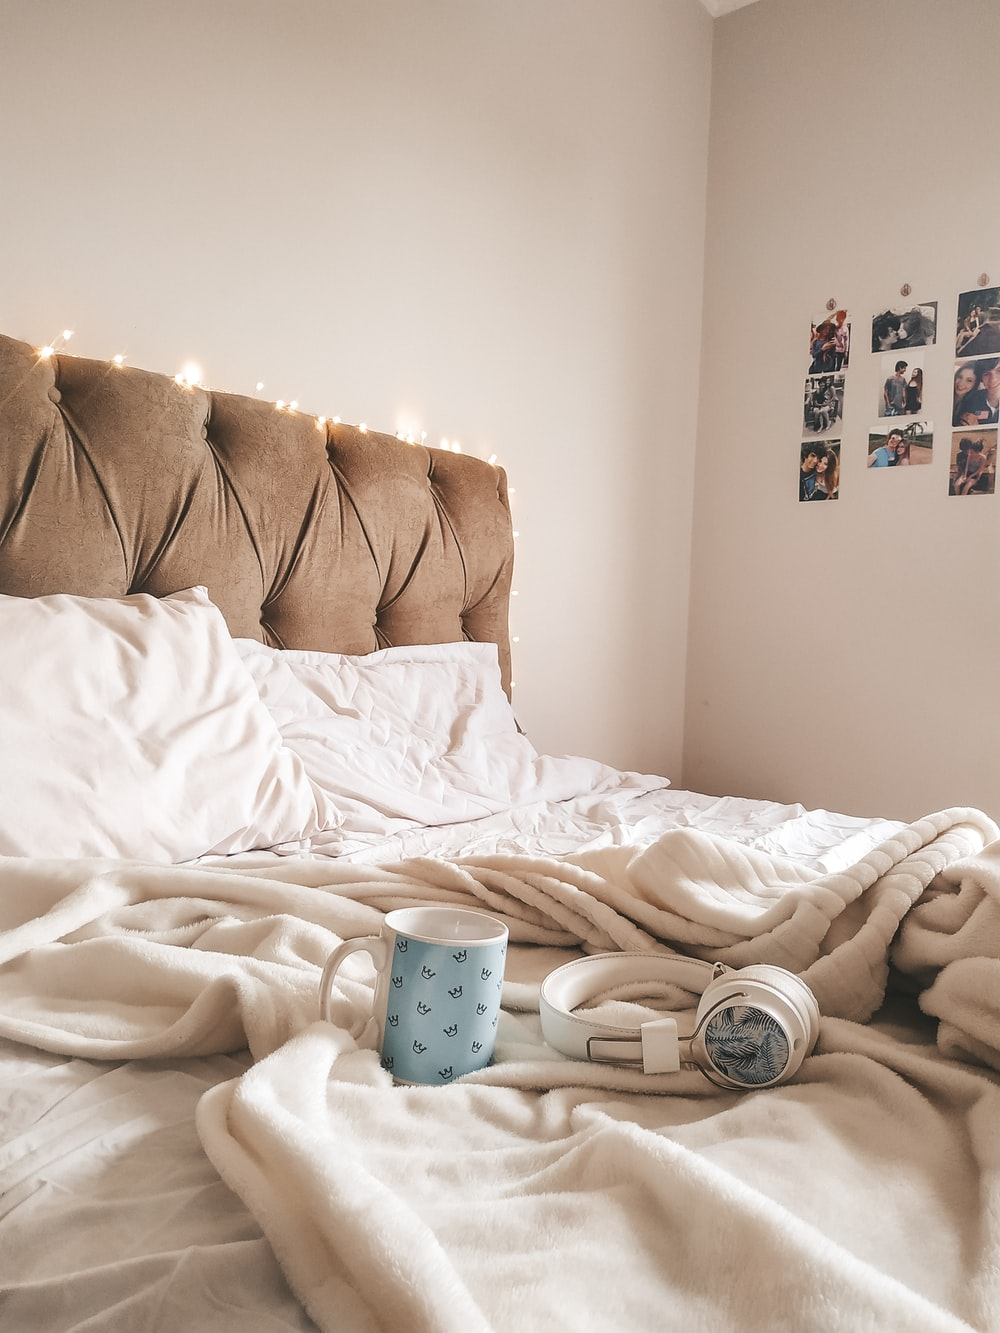 white and blue polka dot ceramic mug on white bed linen